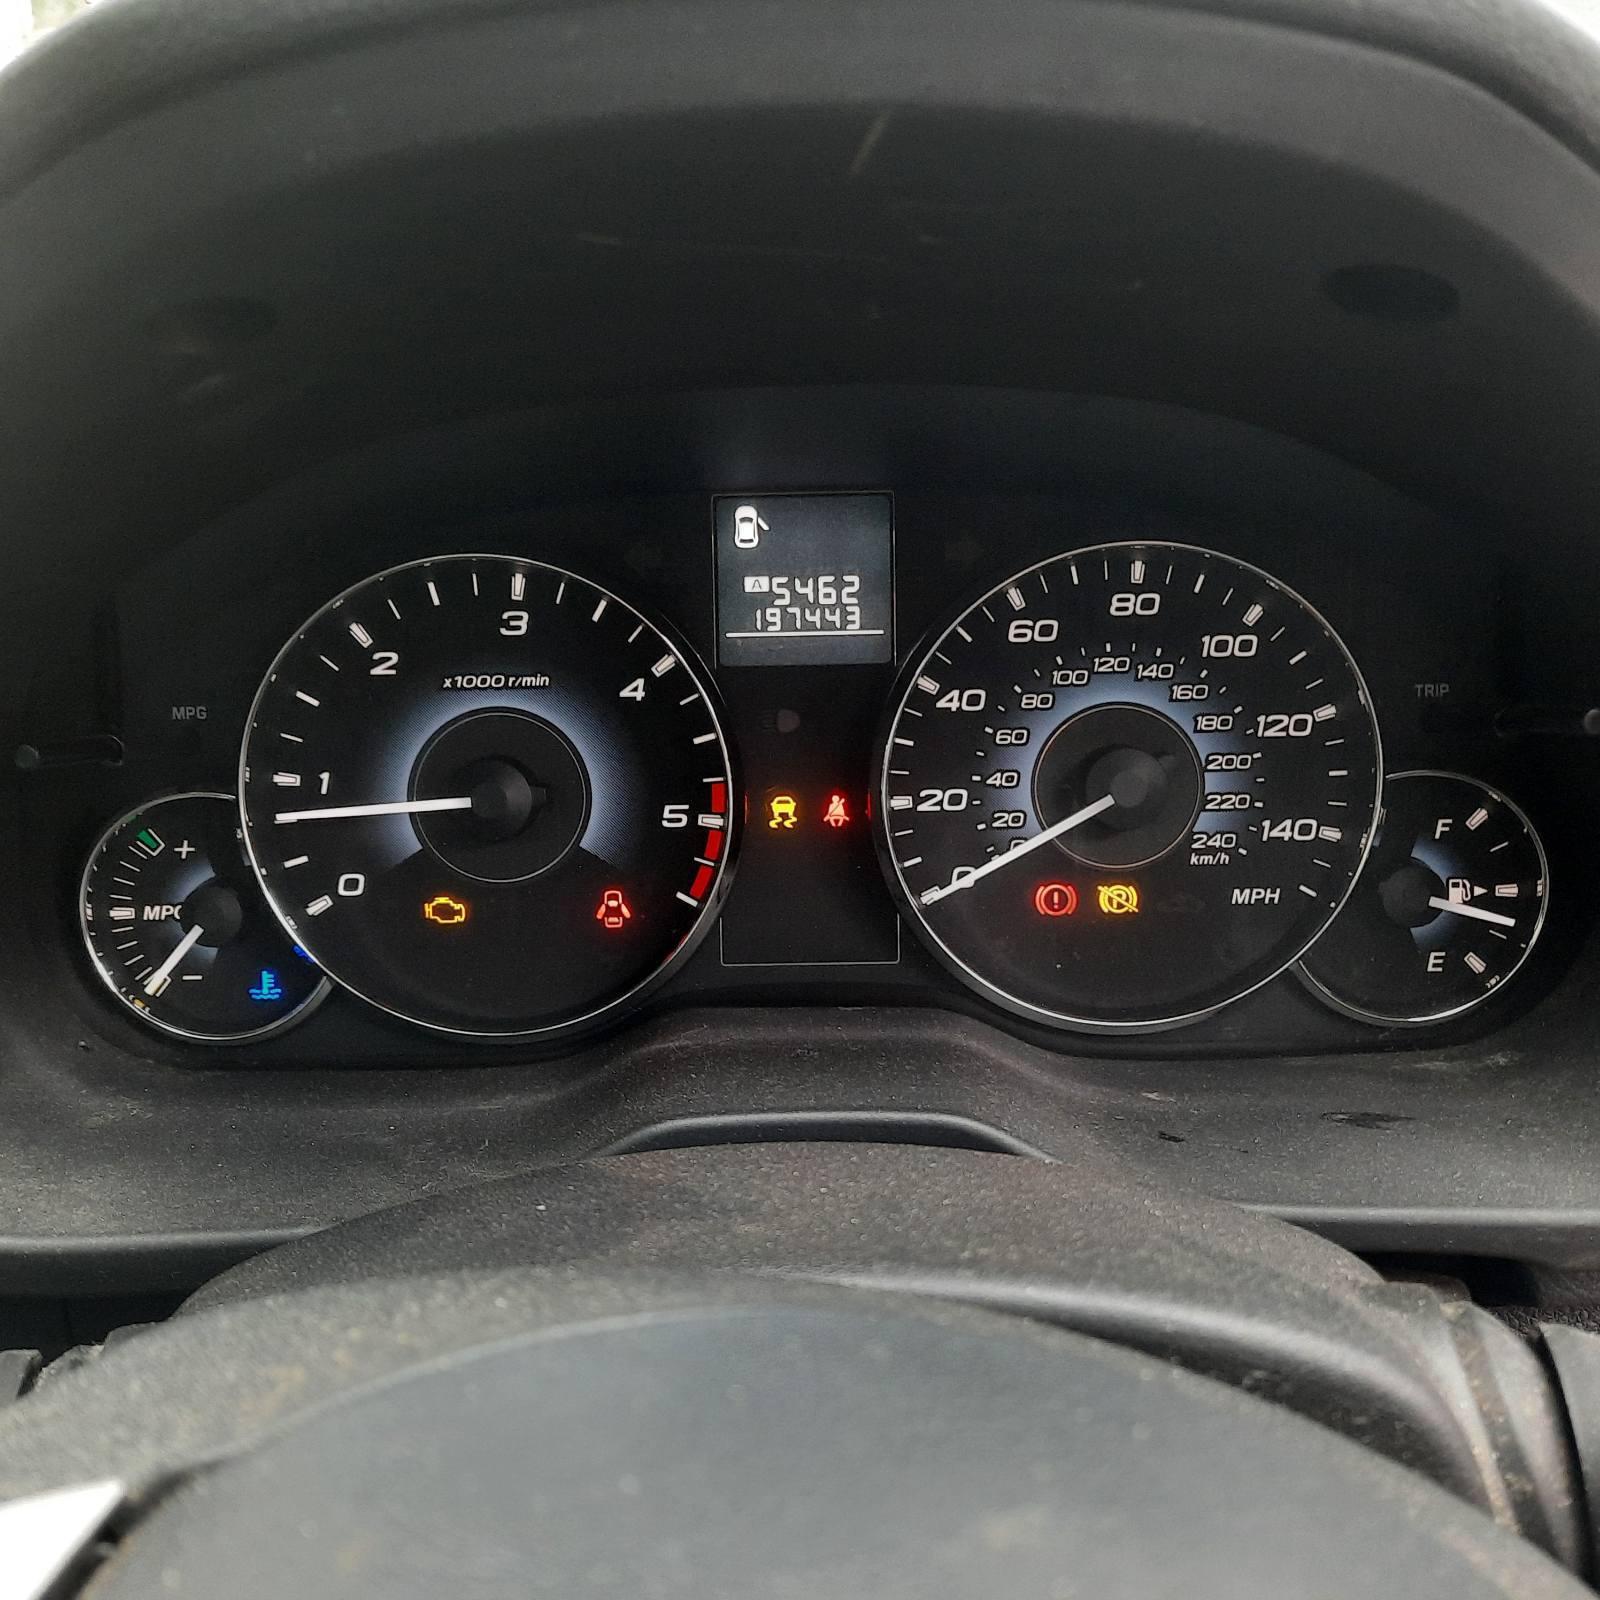 Подержанные Автозапчасти Subaru OUTBACK 2010 2.0 машиностроение универсал 4/5 d. черный 2021-7-27